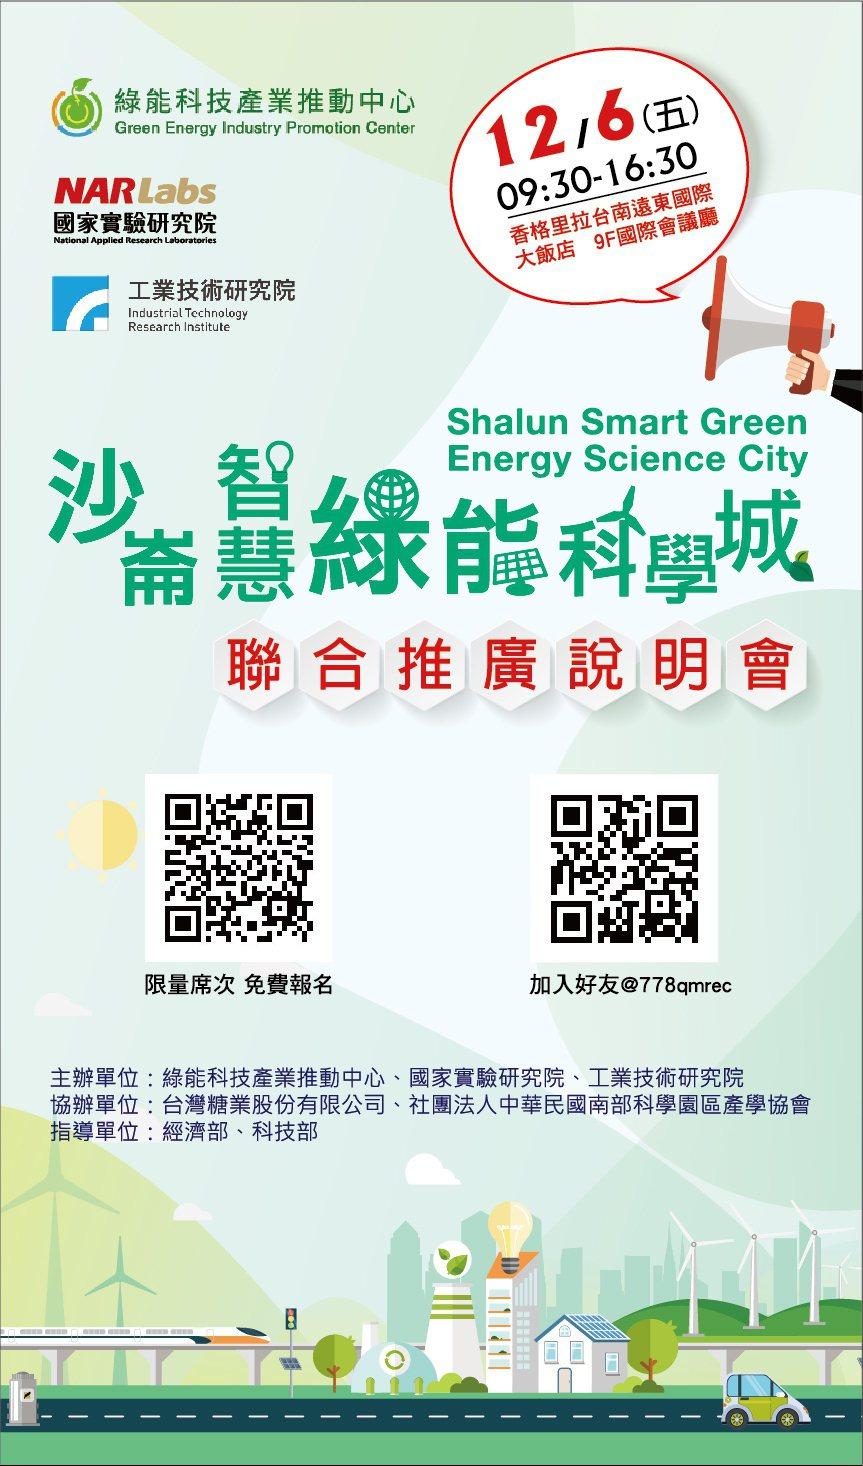 沙崙智慧綠能科學城聯合推廣說明會12月6日登場。業者/提供